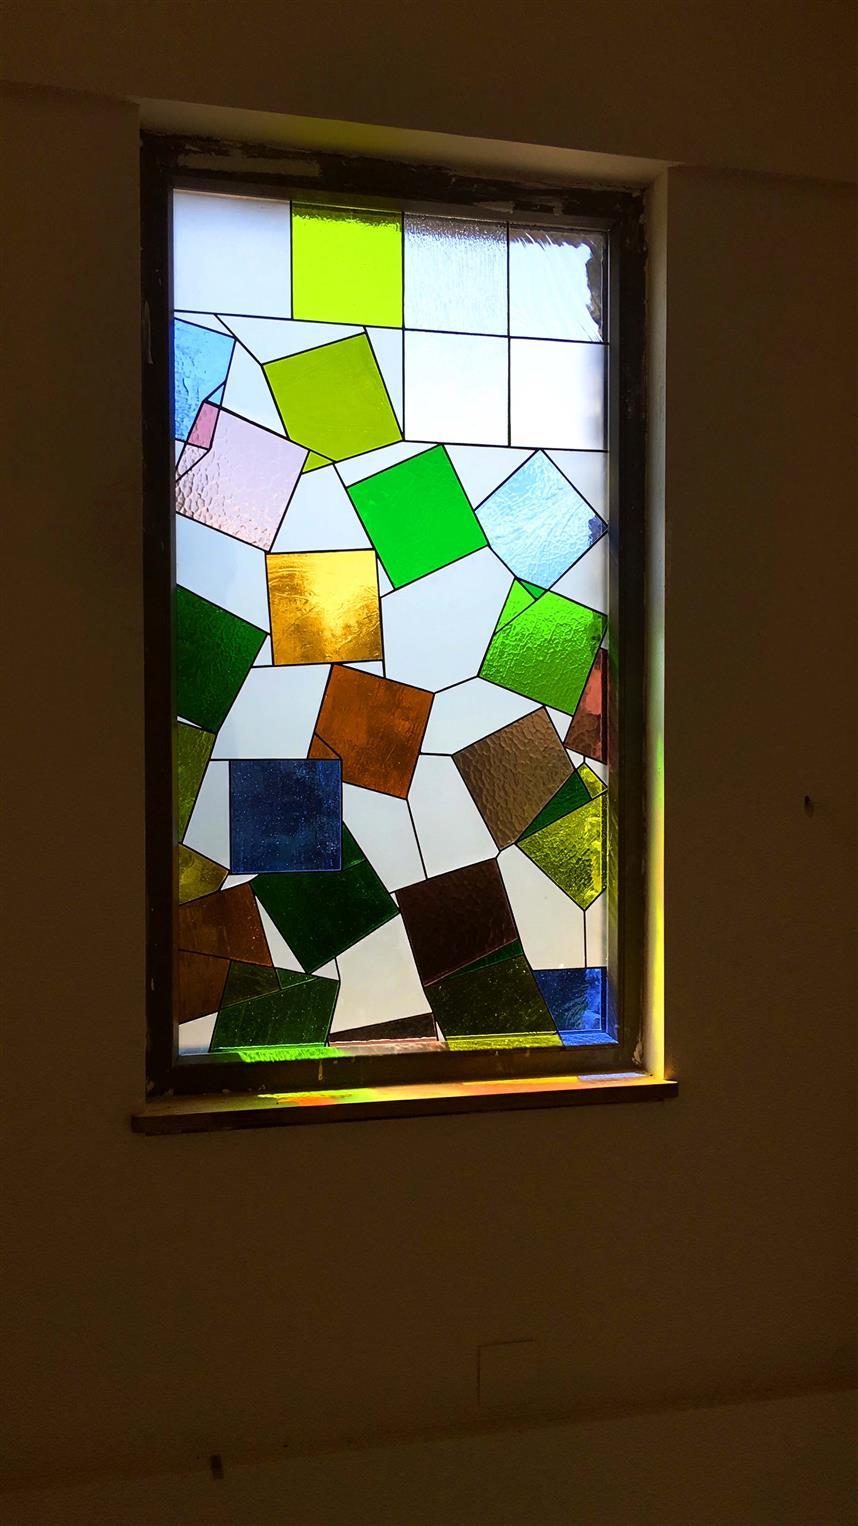 urla-kekliktepe-villa2020120192459391.jpg izmir vitray çalışması